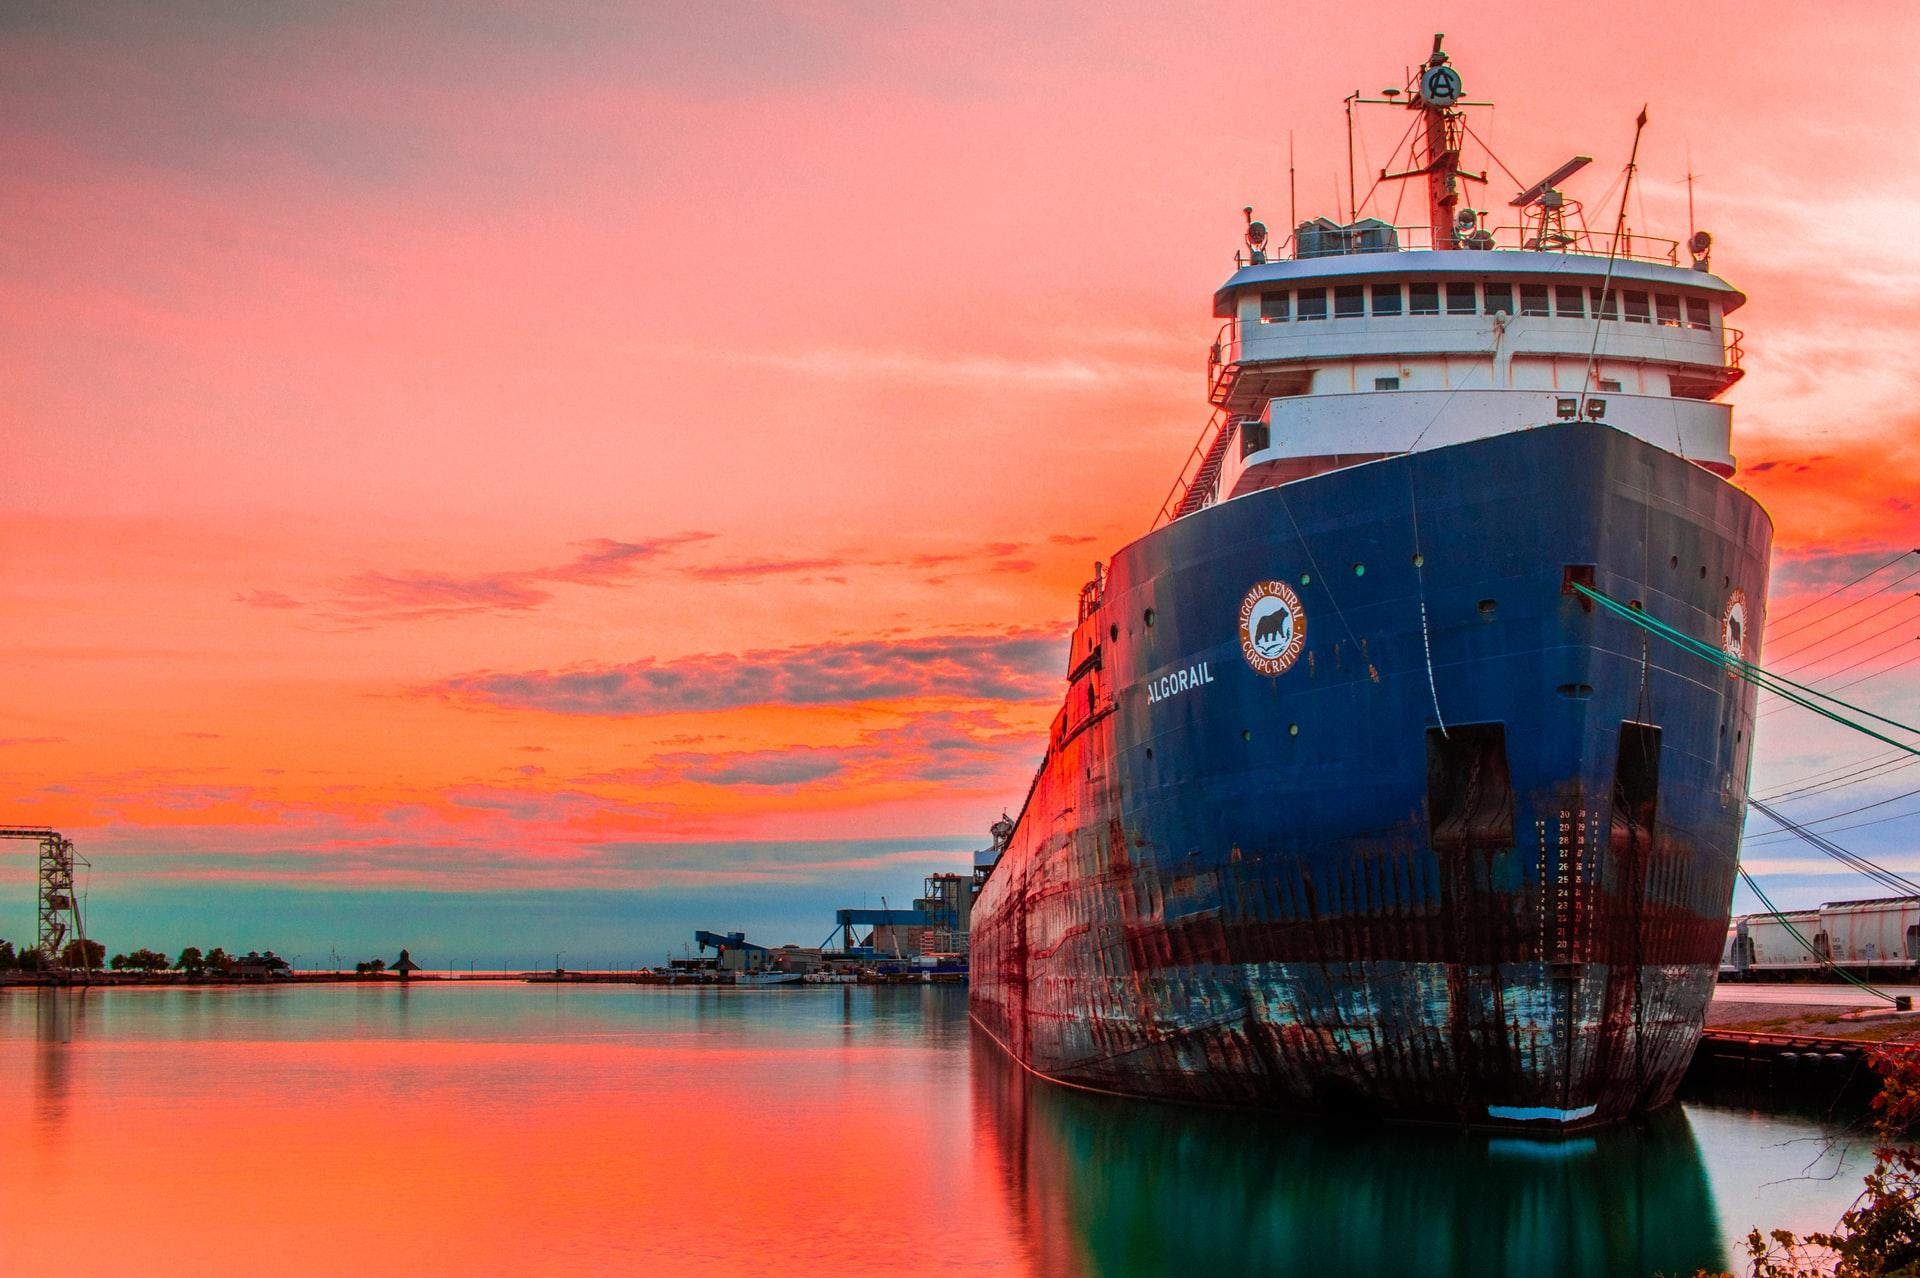 El futuro de los empleos en la industria marítima